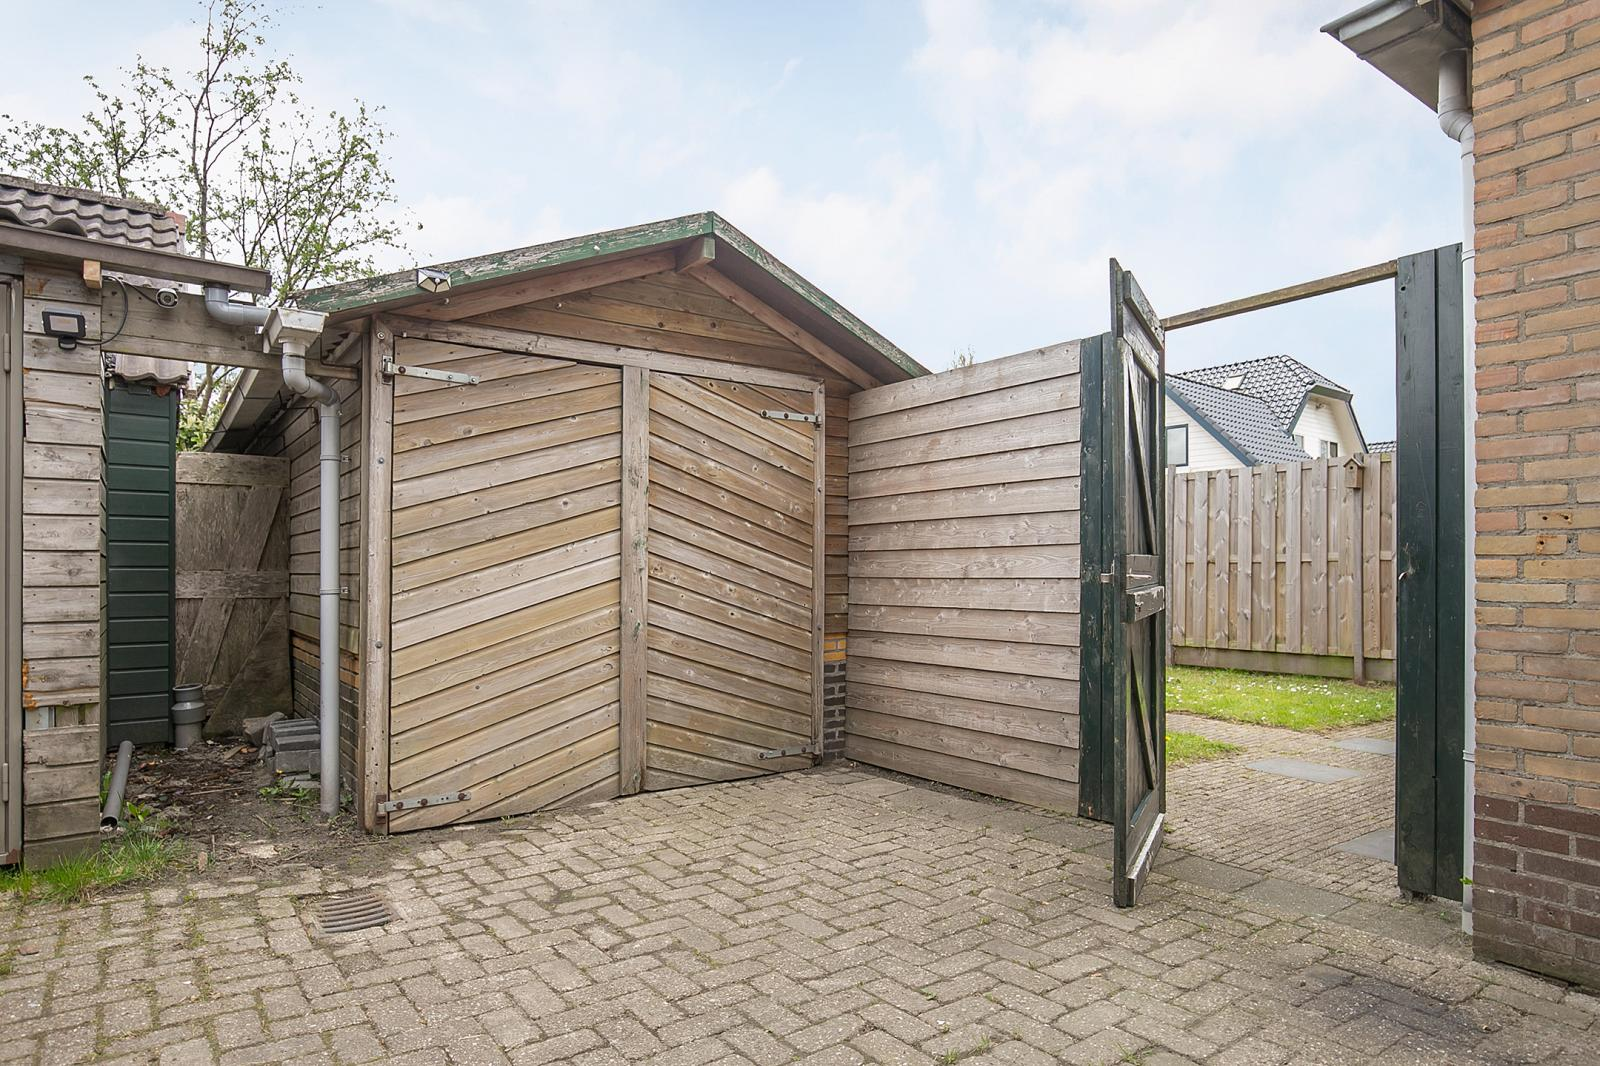 zeino-van-burmaniastrjitte-5-oppenhuizen-1220